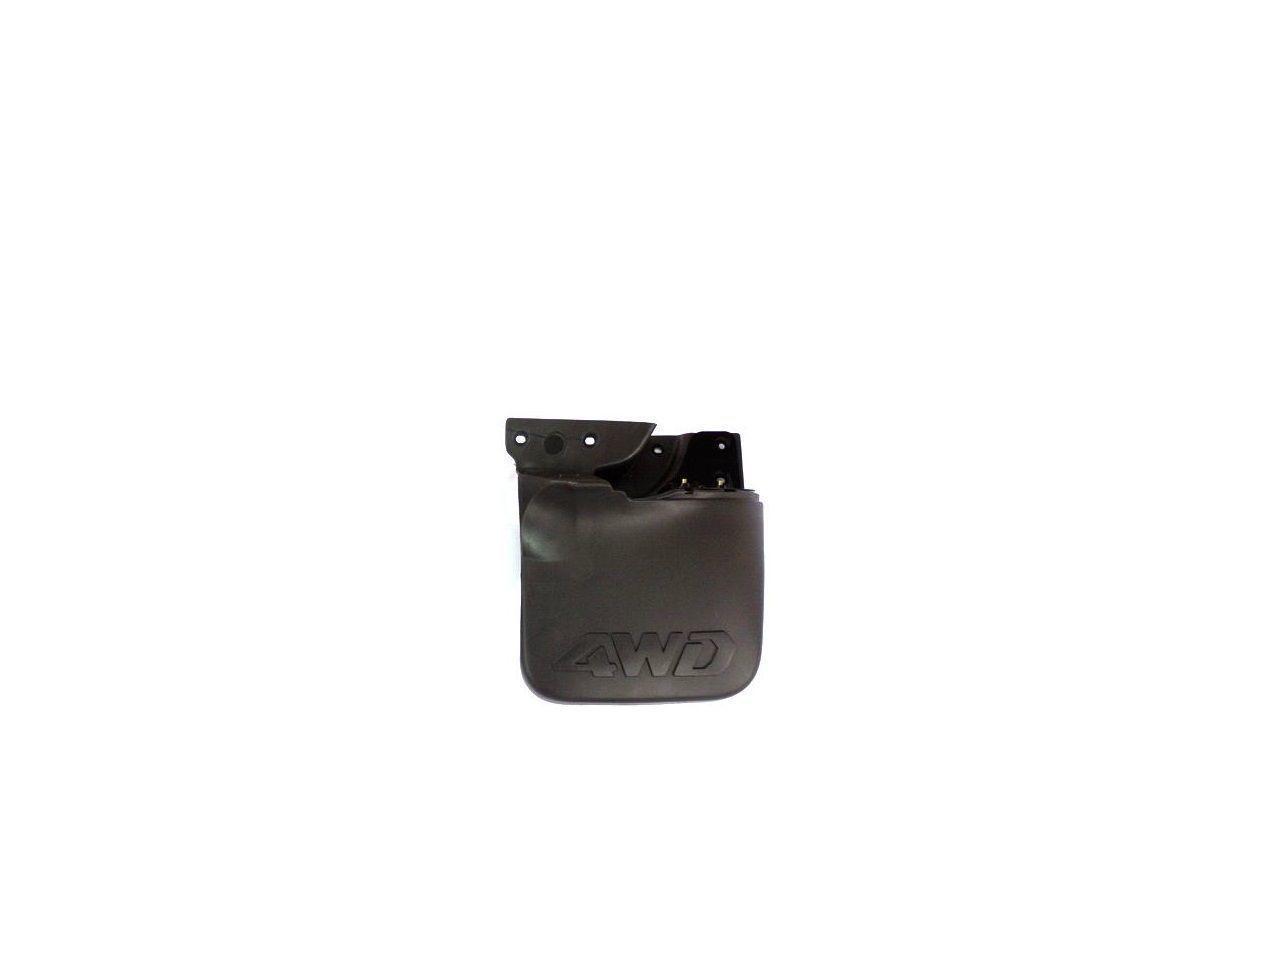 Λασπωτήρας MITSUBISHI L200 Pick-Up / 4WD / 4dr Τετράπορτο 2002 - 2006 ( K60T  } ( K70T  } 2400 (4G64 } petrol 132 #14.01.4213.00.SM.L